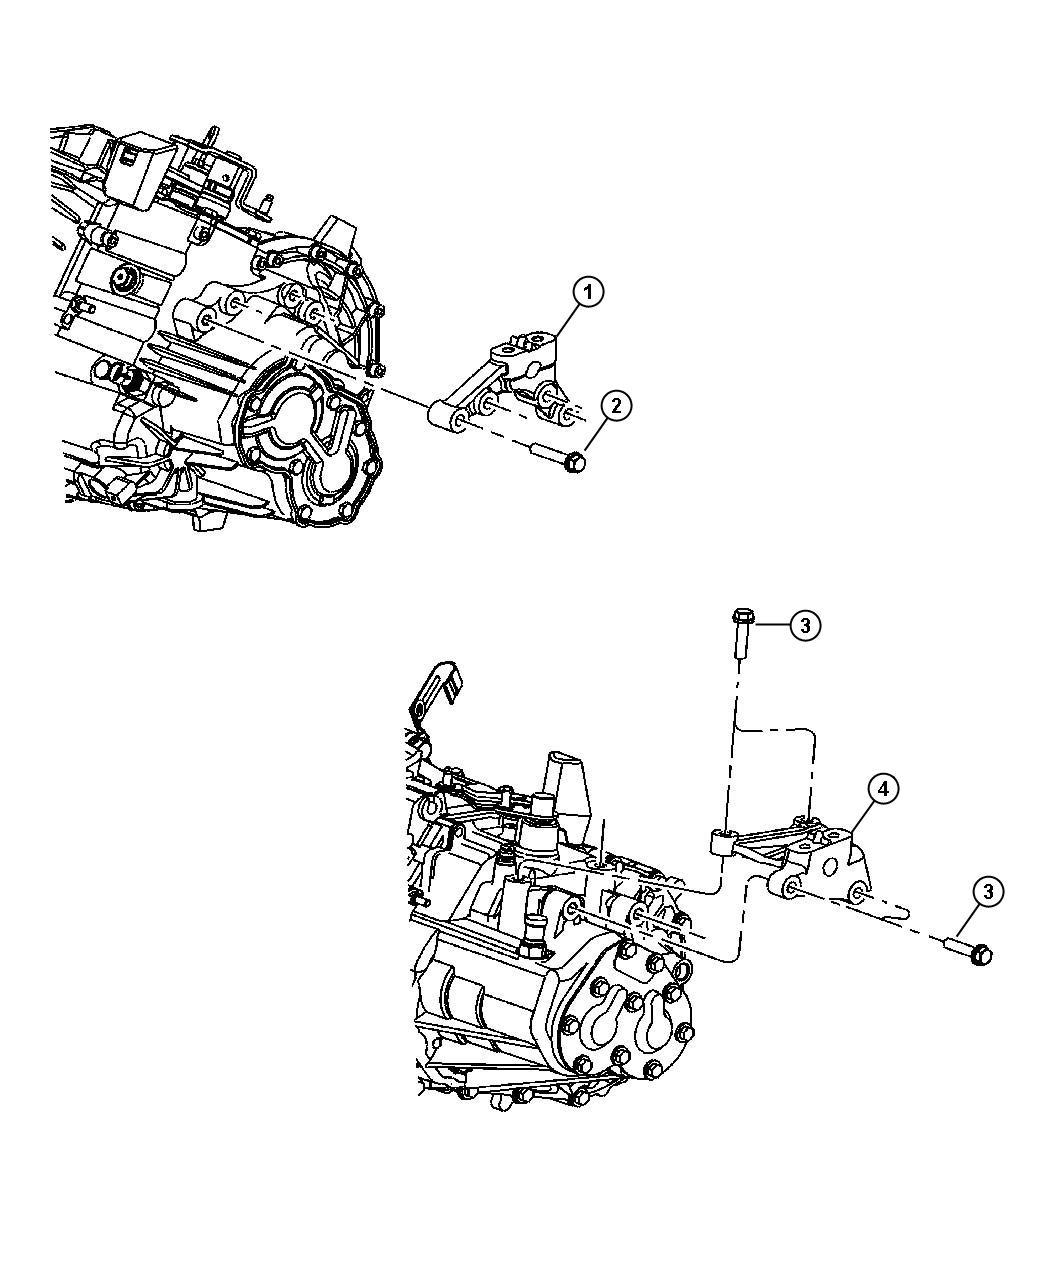 2001 Chrysler Pt Cruiser Support. Engine mount. Left